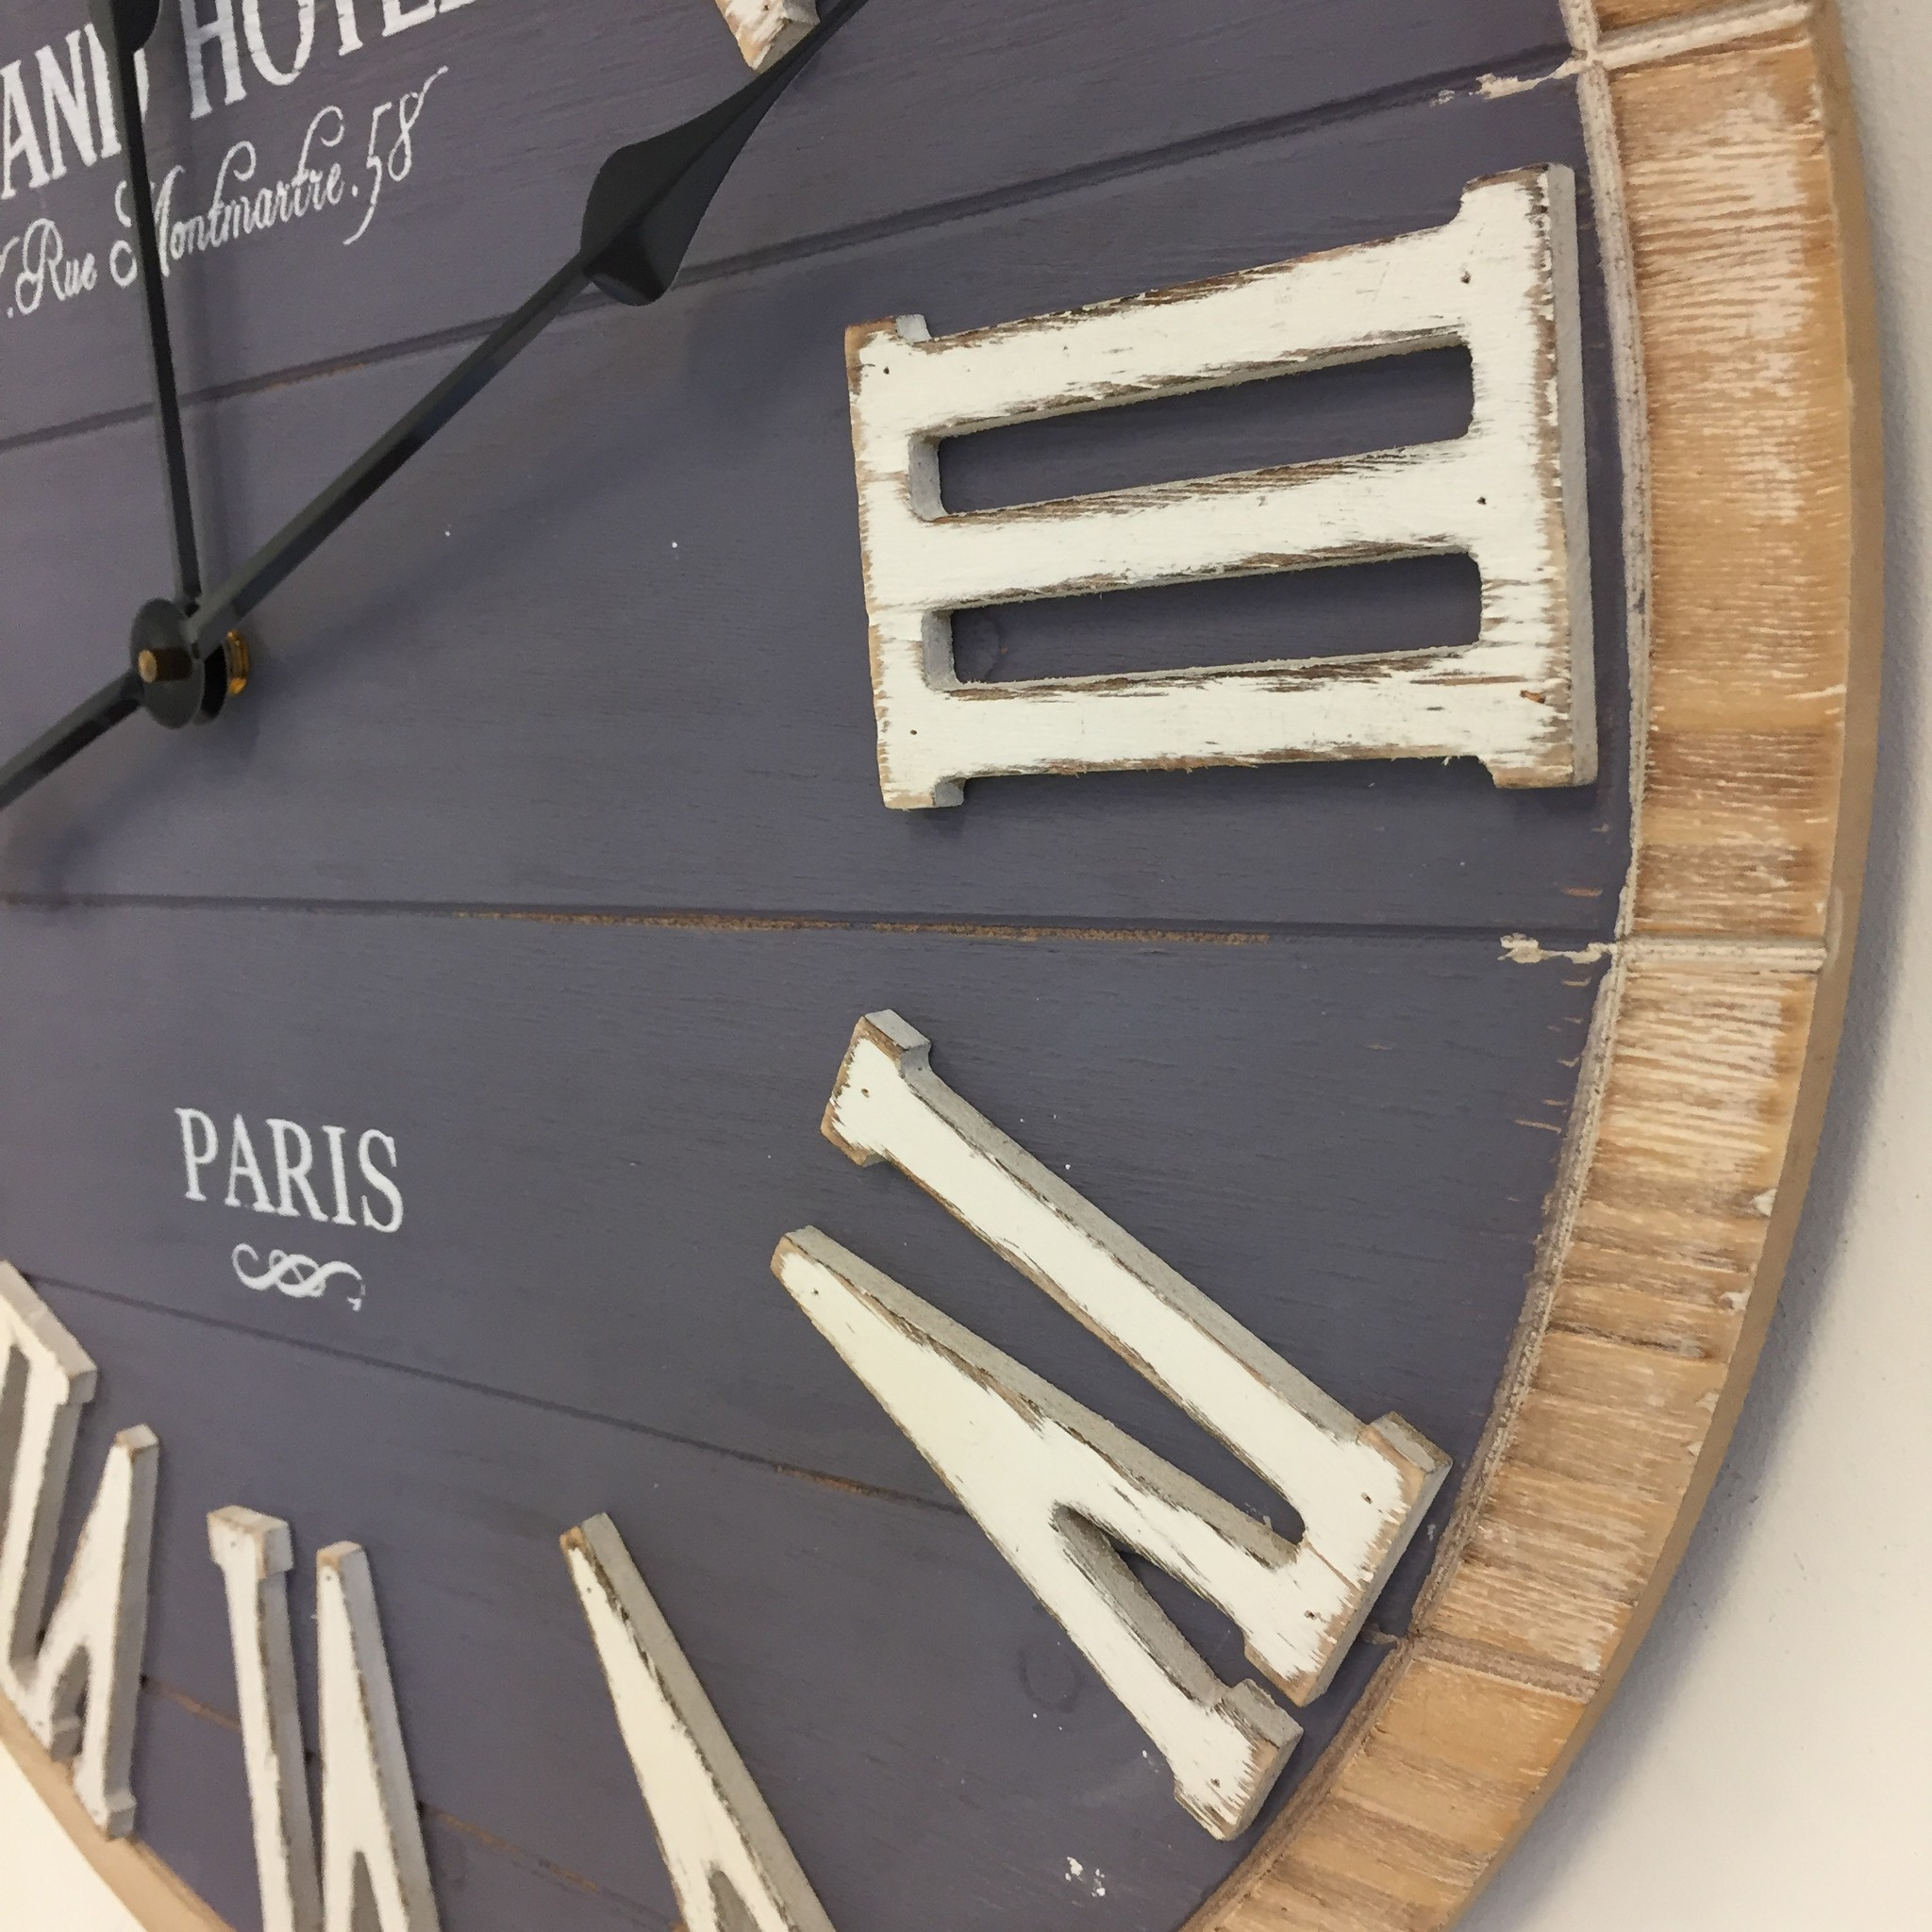 Saramax Wandklok Montmartre Industrieel design